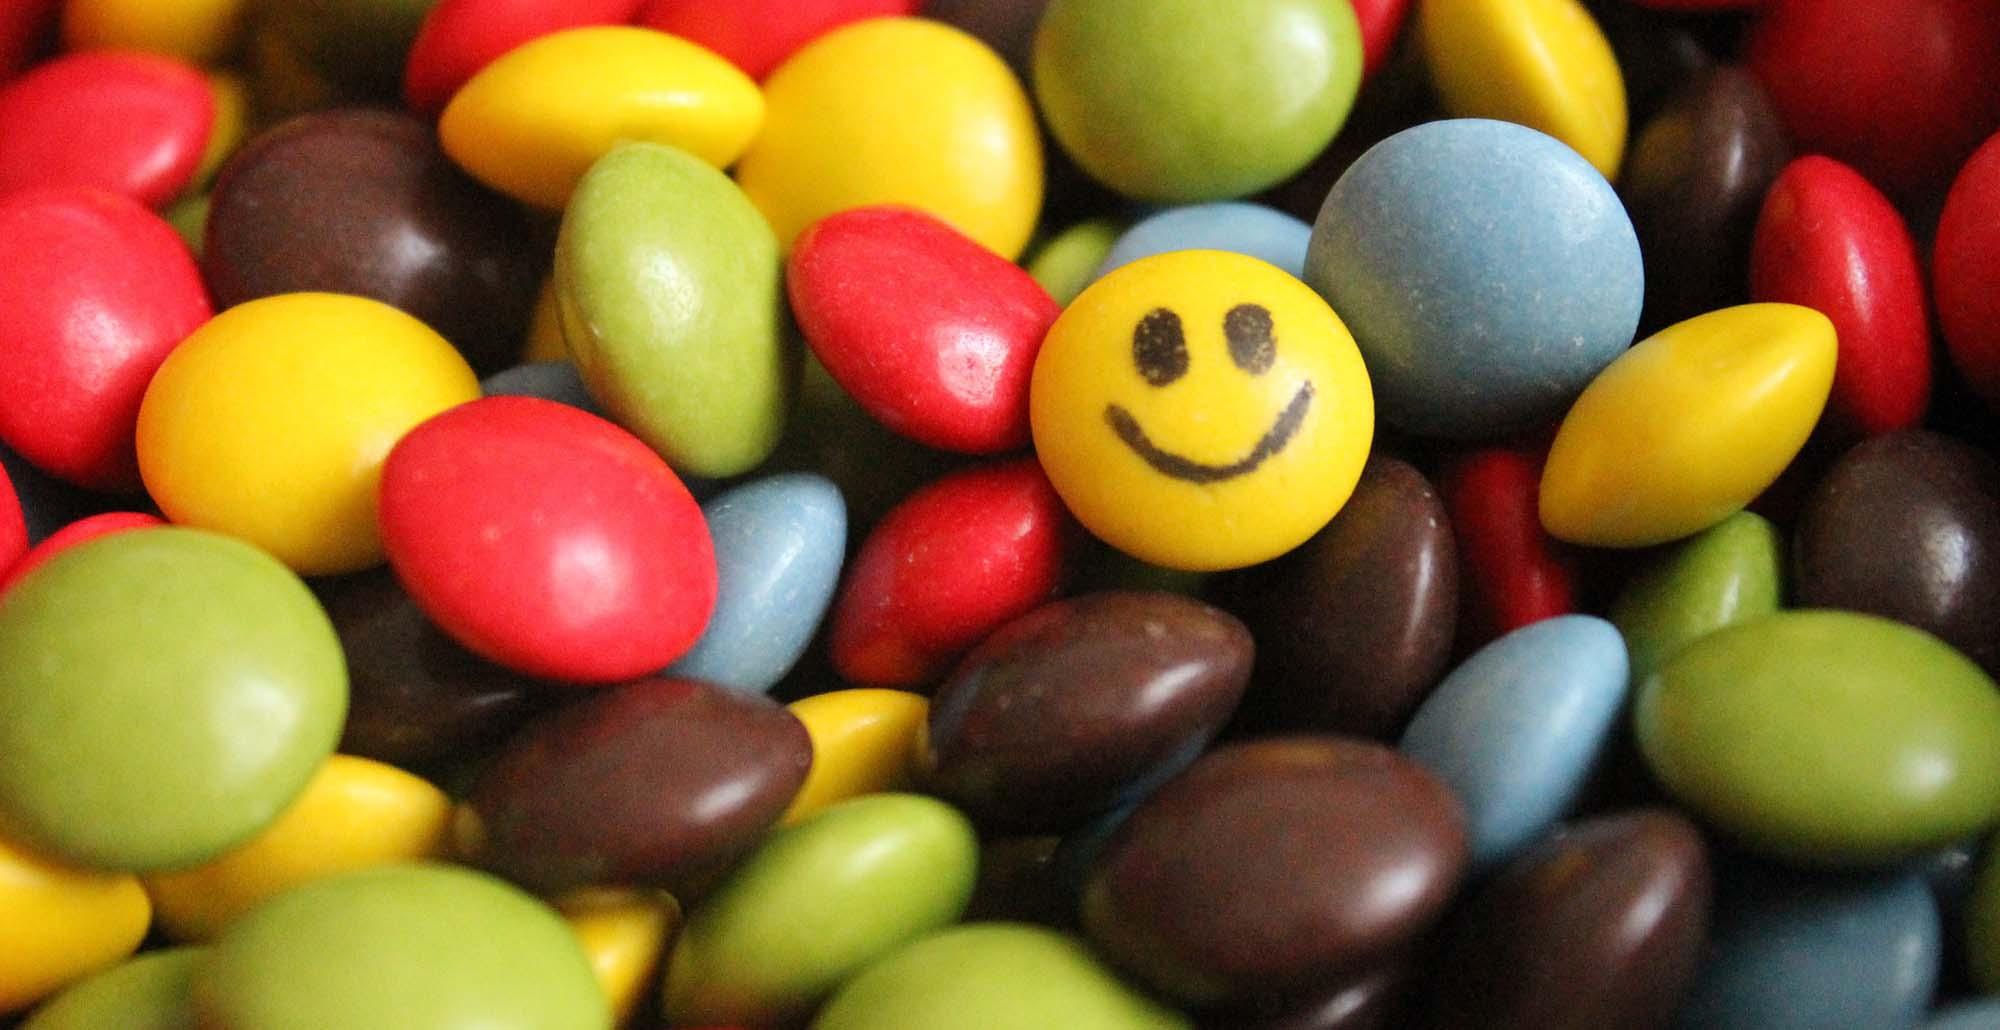 Foto con dettaglio di M&M's a colori con uno gialo su cui è disegnato uno smile